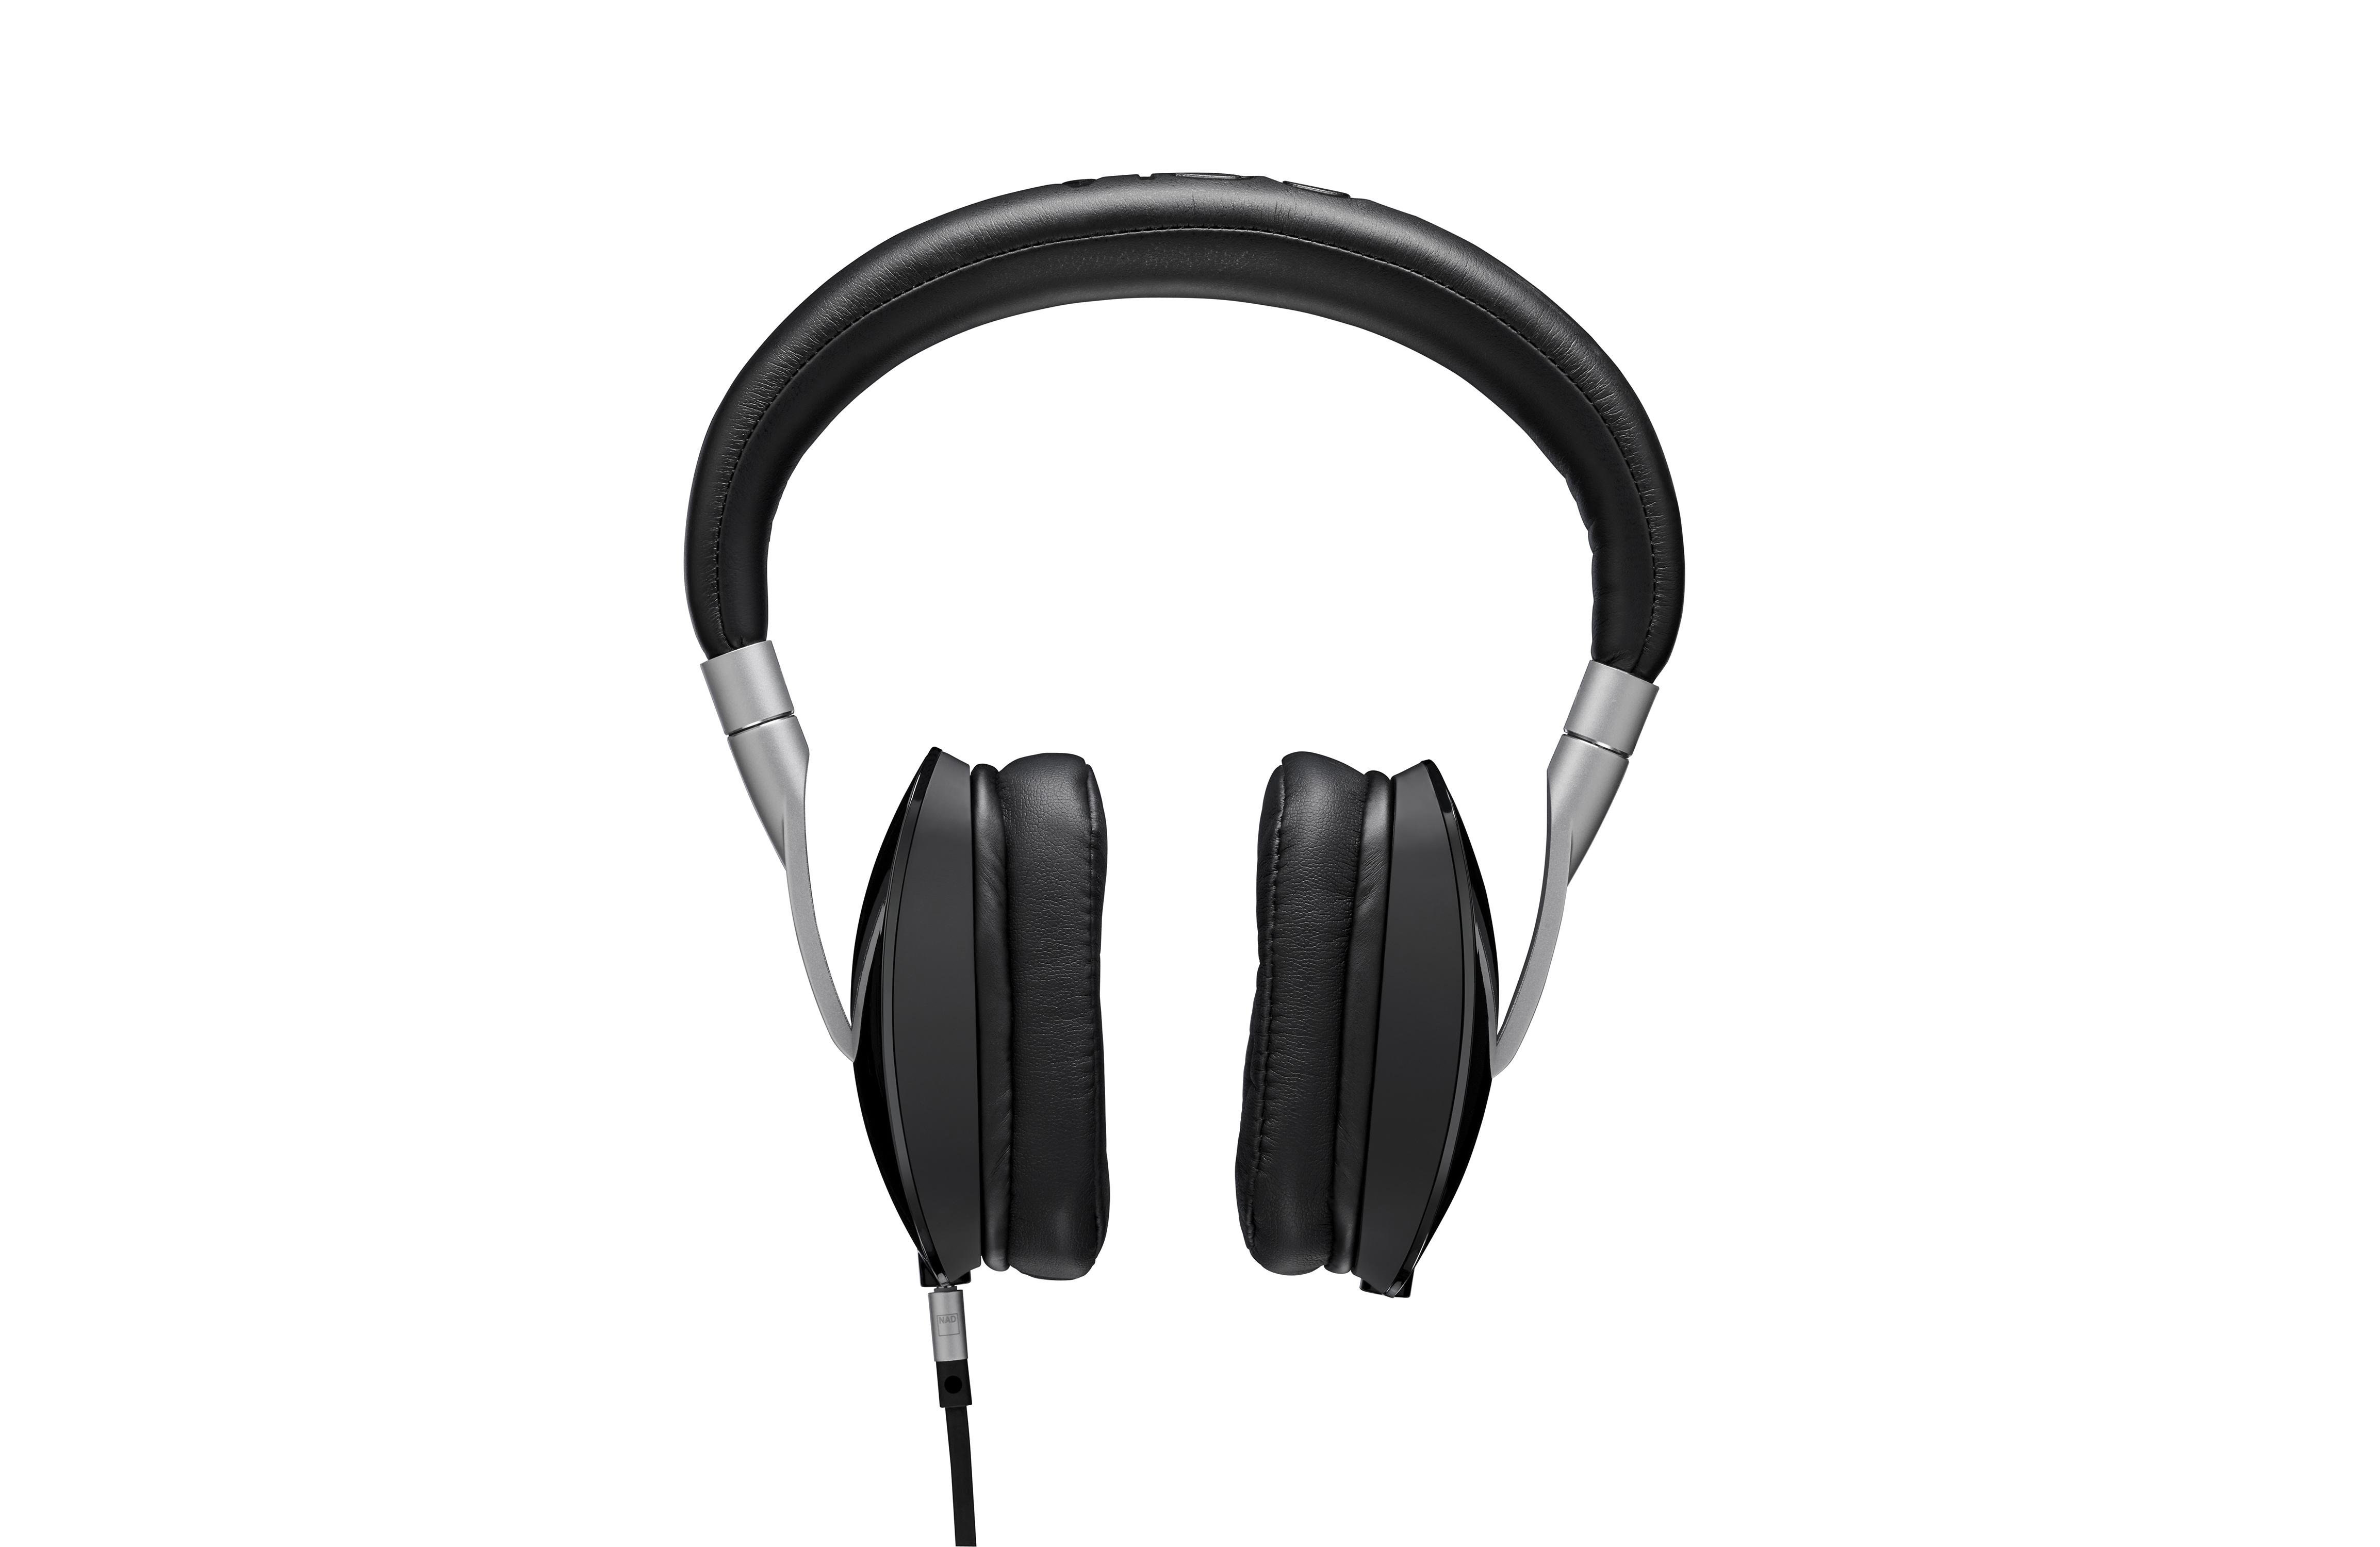 NAD VISO HP50 headphones ears-on review